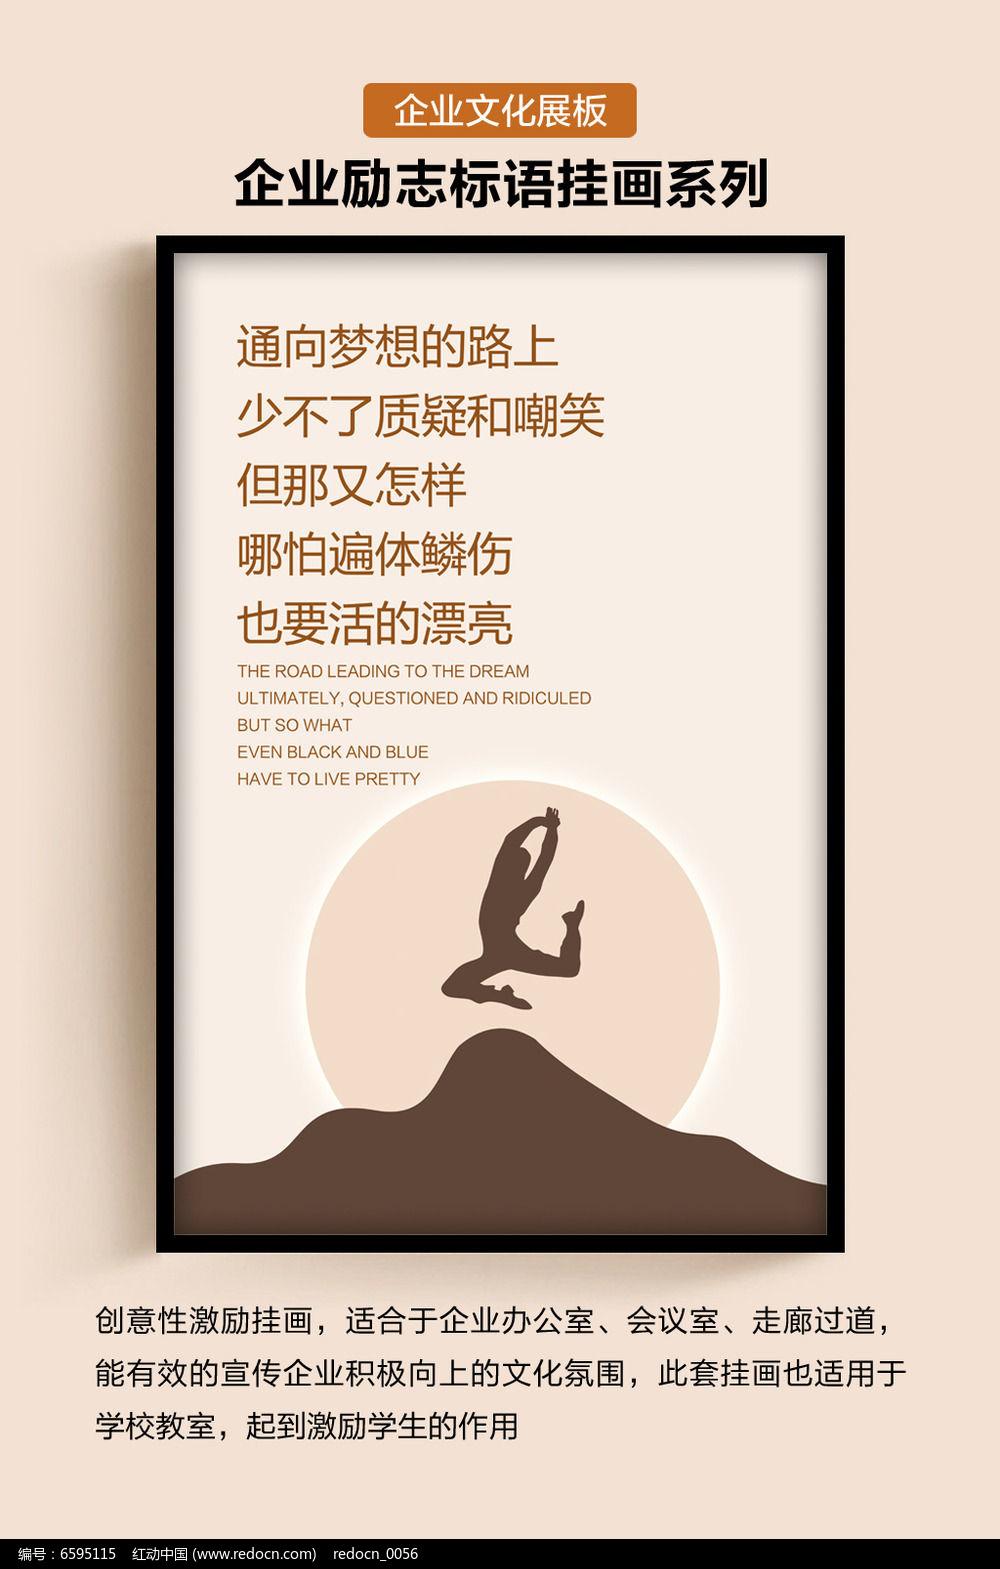 企业文化展板为梦想奋斗创意励志挂画